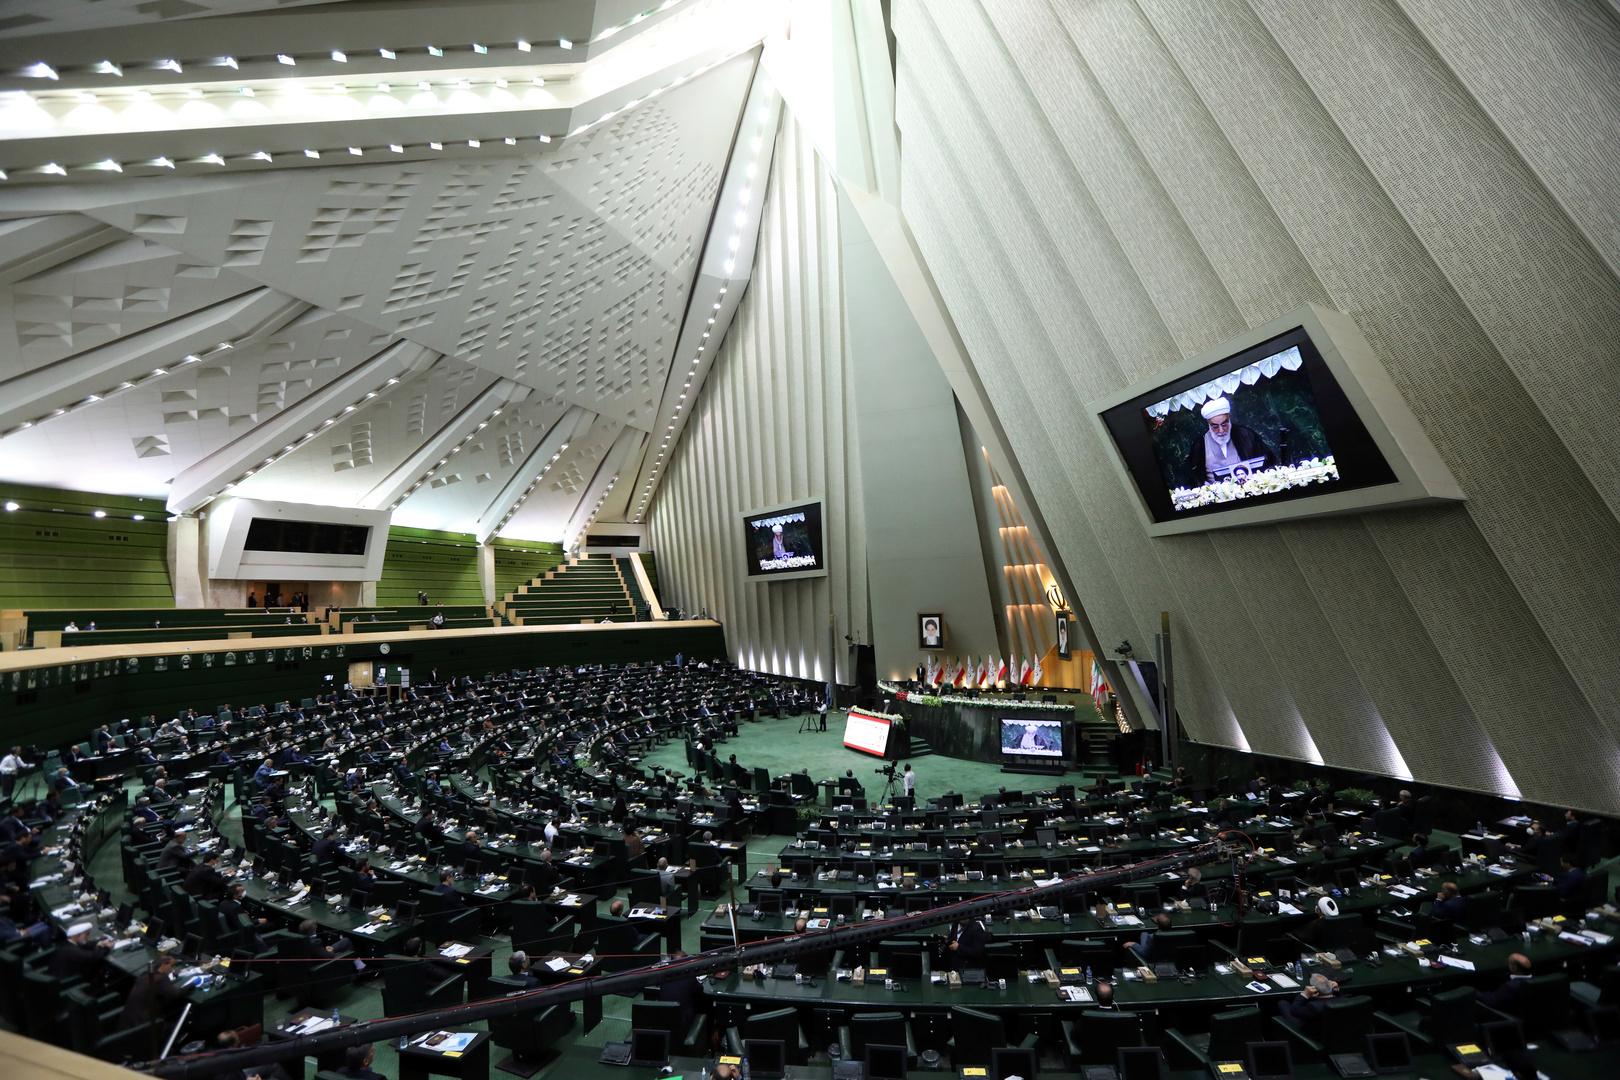 البرلمان الإيراني يوجه انتقادات لاذعة للإمارات والبحرين بعد اتفاق السلام مع إسرائيل